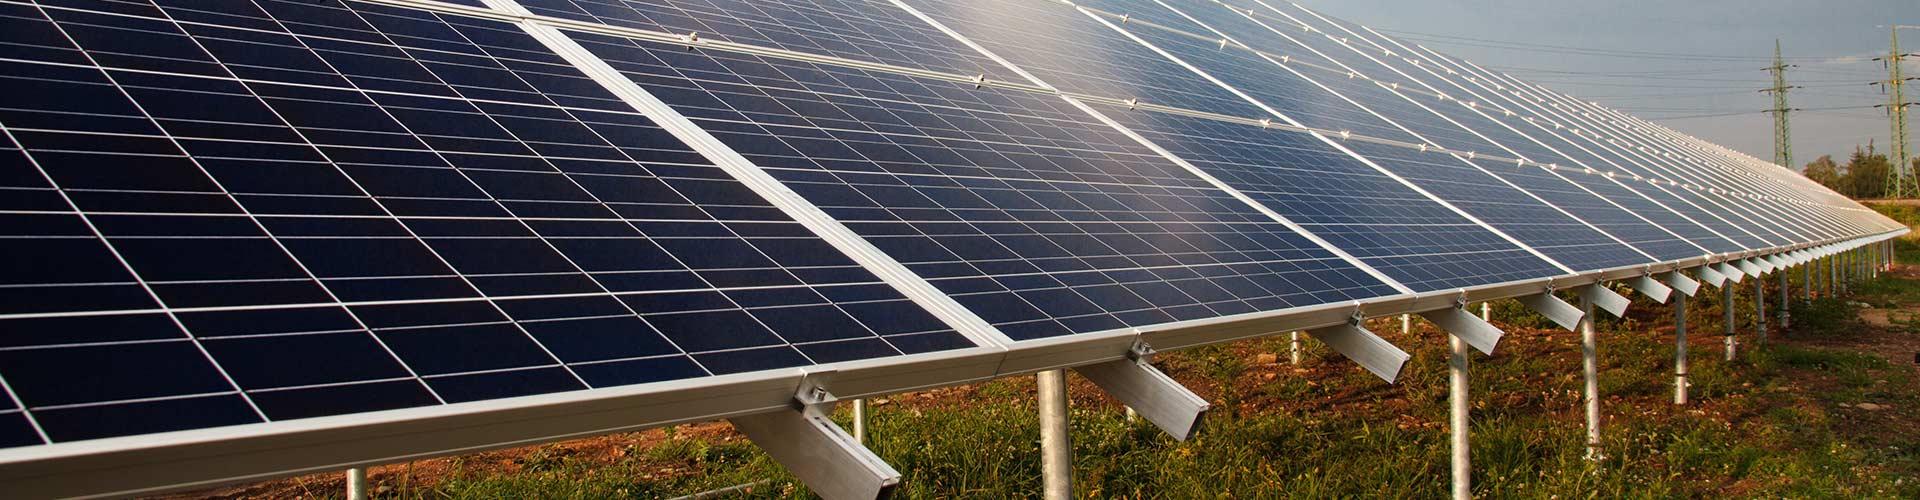 Aggiornamento per Installatore e Manutentore Straordinario di Tecnologie Energetiche alimentate da fonti rinnovabili 1